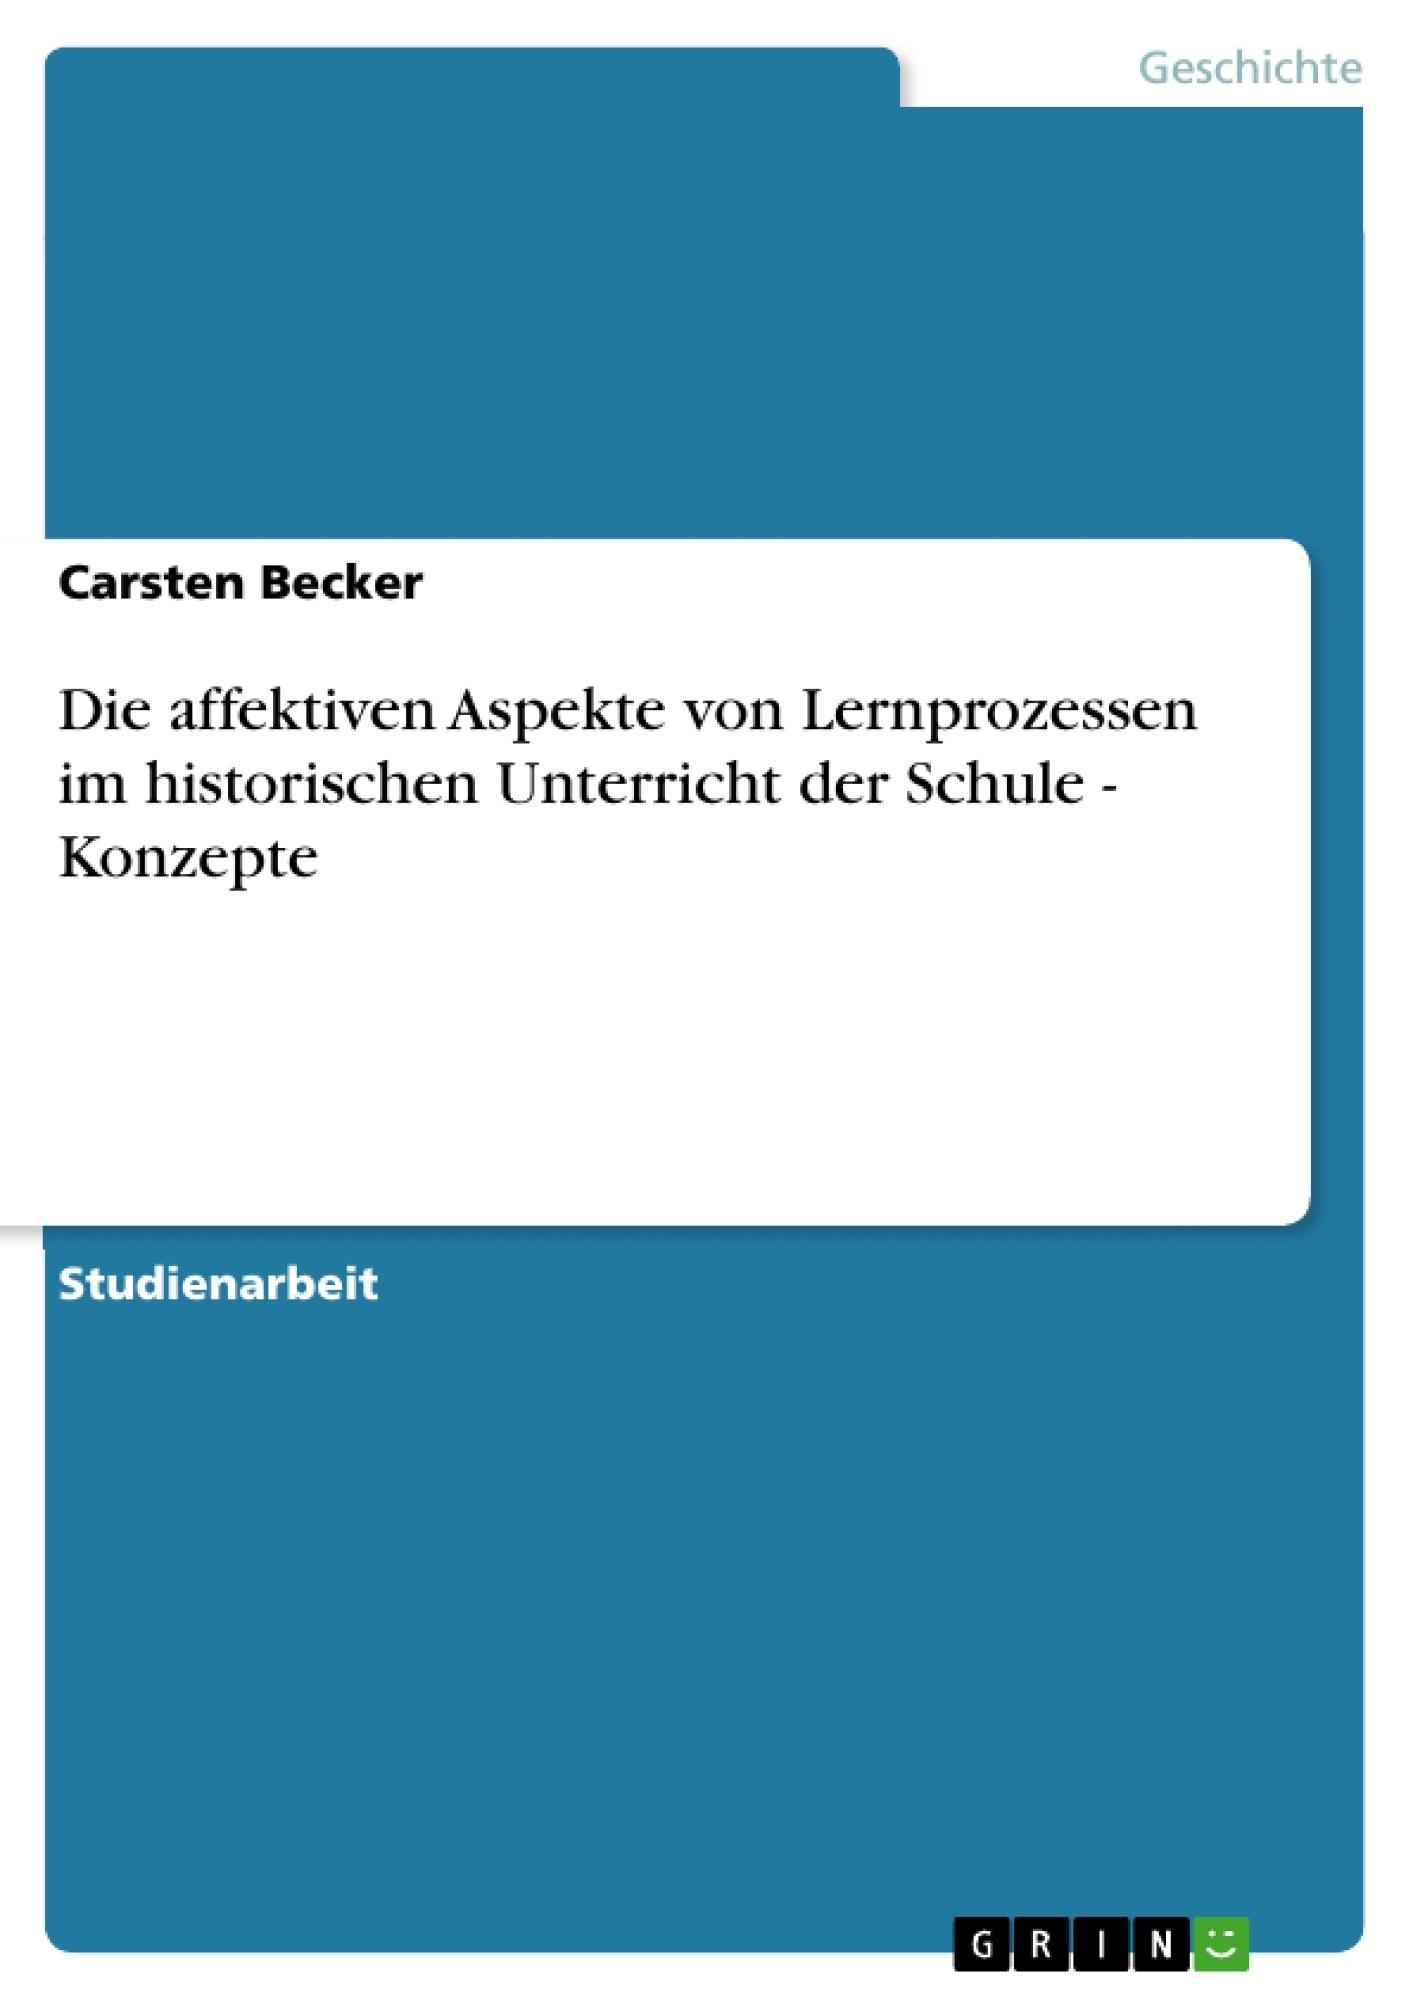 Titel: Die affektiven Aspekte von Lernprozessen im historischen Unterricht der Schule - Konzepte